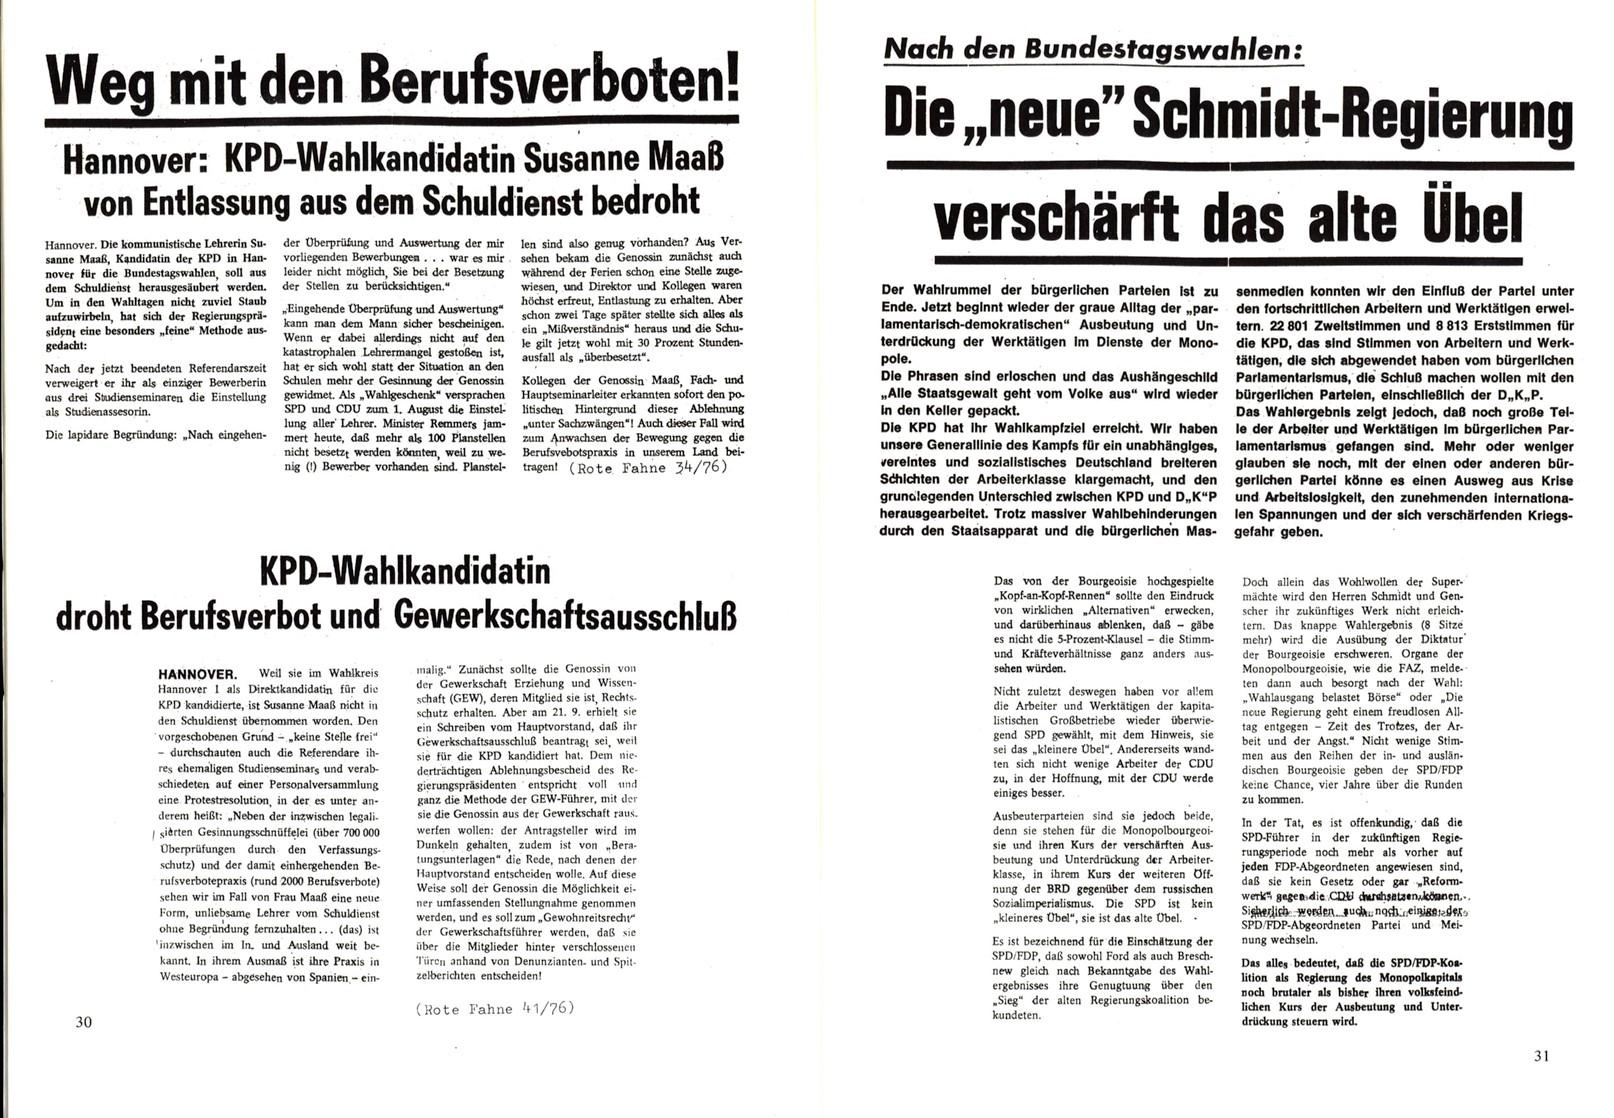 KPDAO_1976_Wahlbehinderungen_im_BTW_17